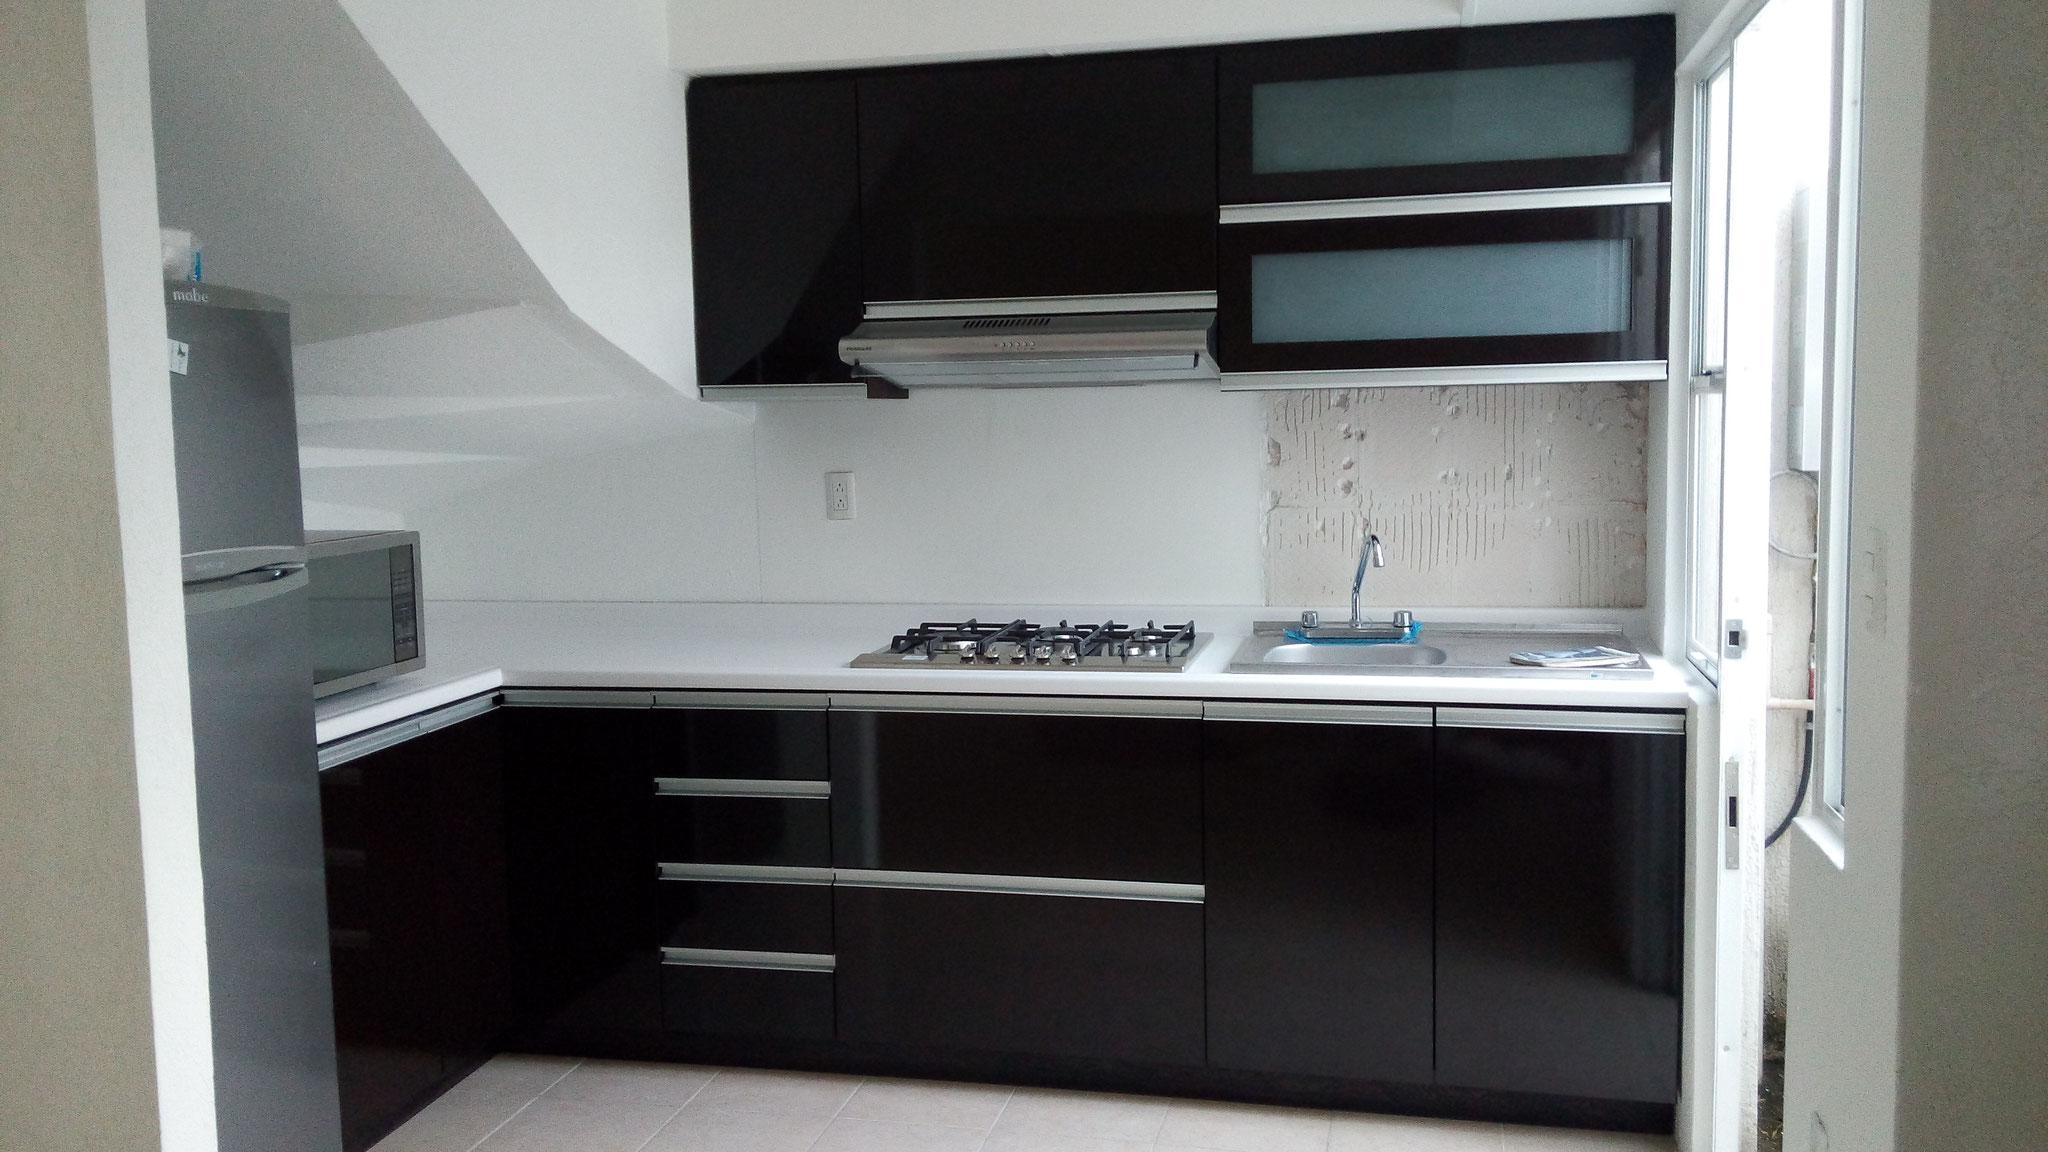 Cocinas integrales toluca fabricacion de muebles toluca for Cocinas integrales fabricacion